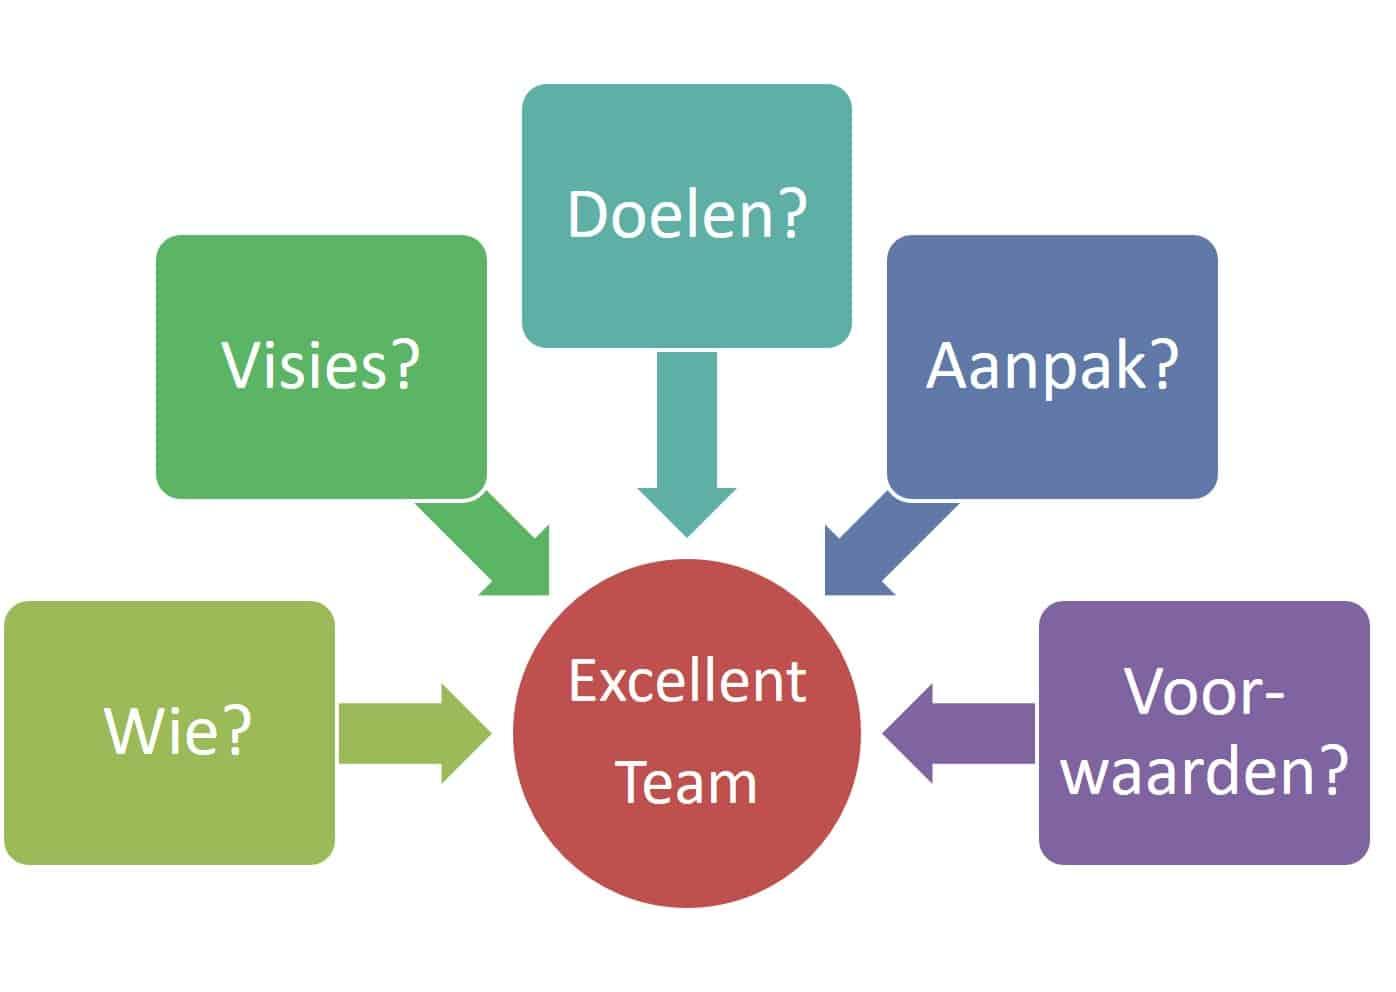 Vijf aspecten voor effectief samenwerken in teams, organisaties of netwerken